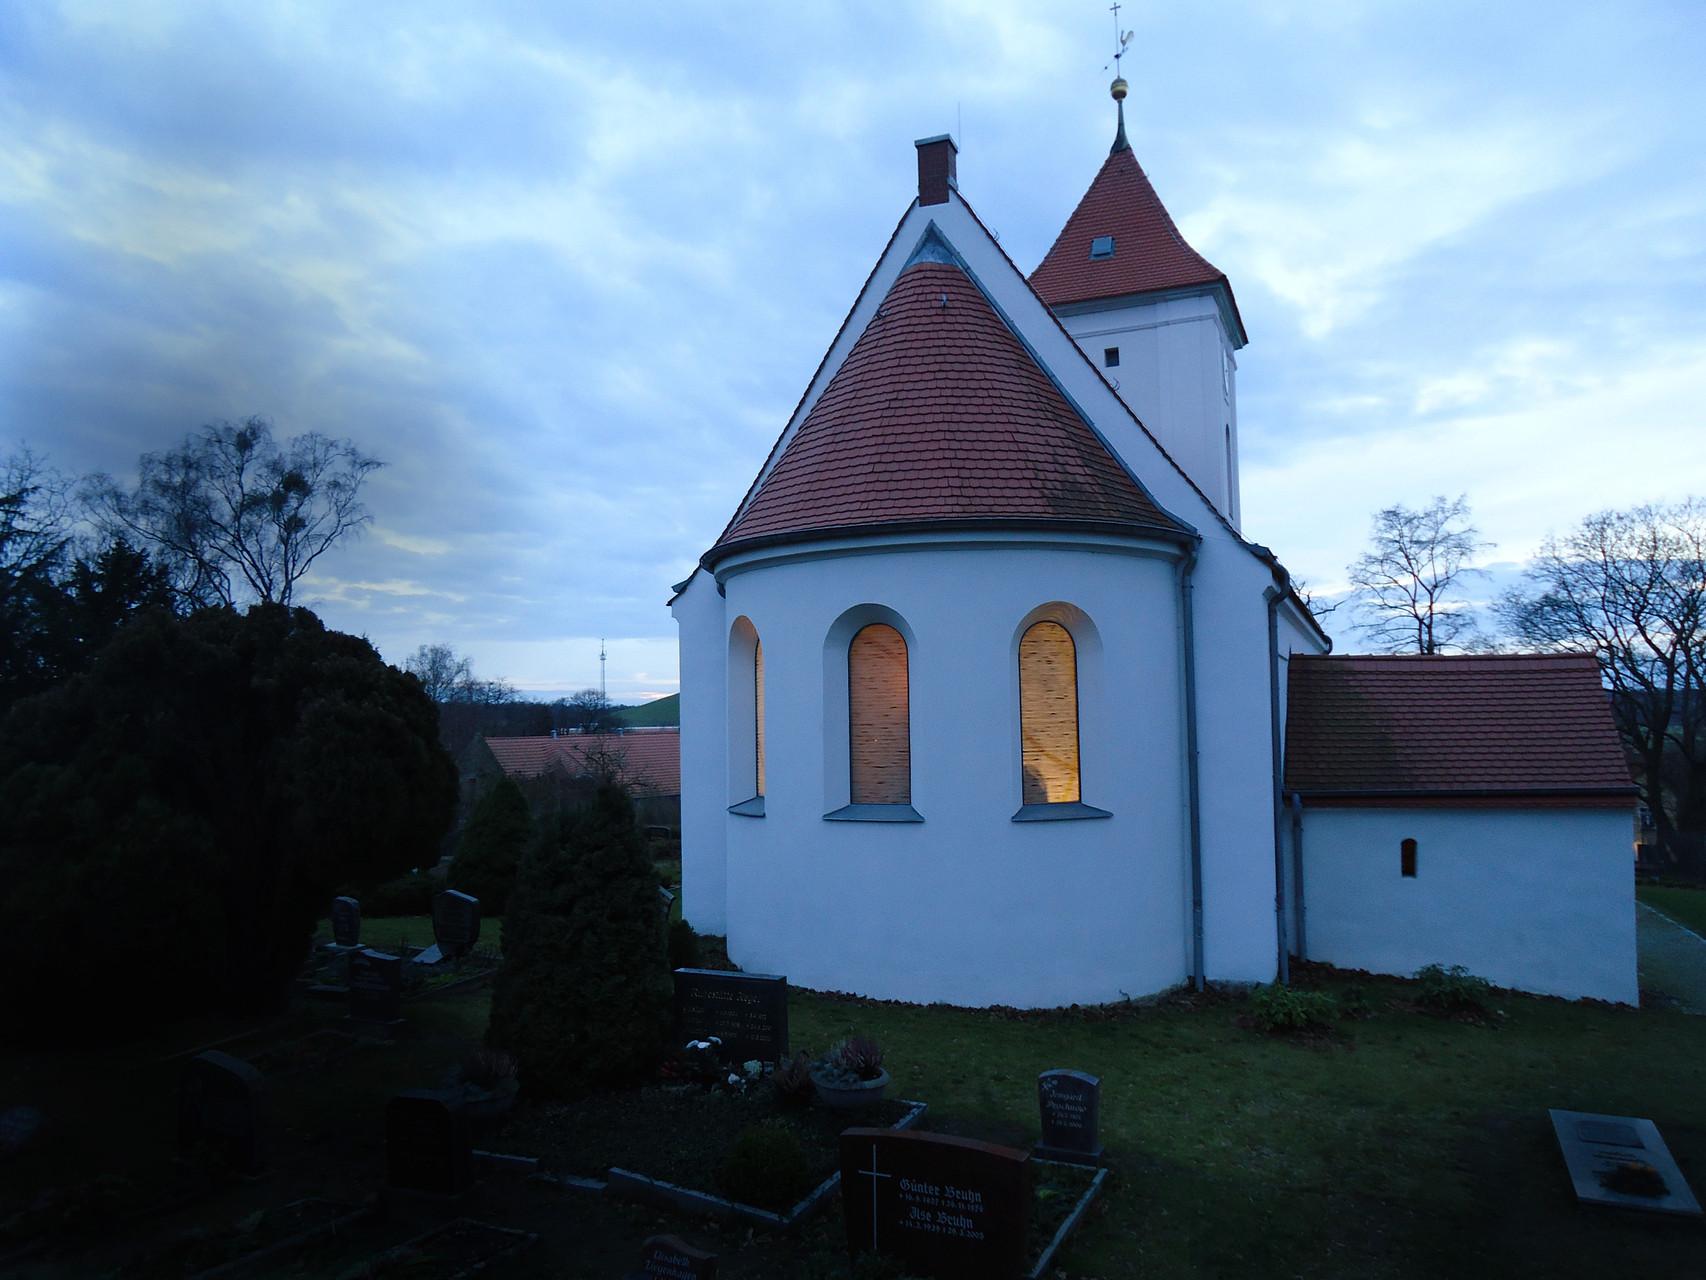 Drei Altarfenster für die Evangelische Kirche in Rohrbeck          Wettbewerb 2013        1. Preis